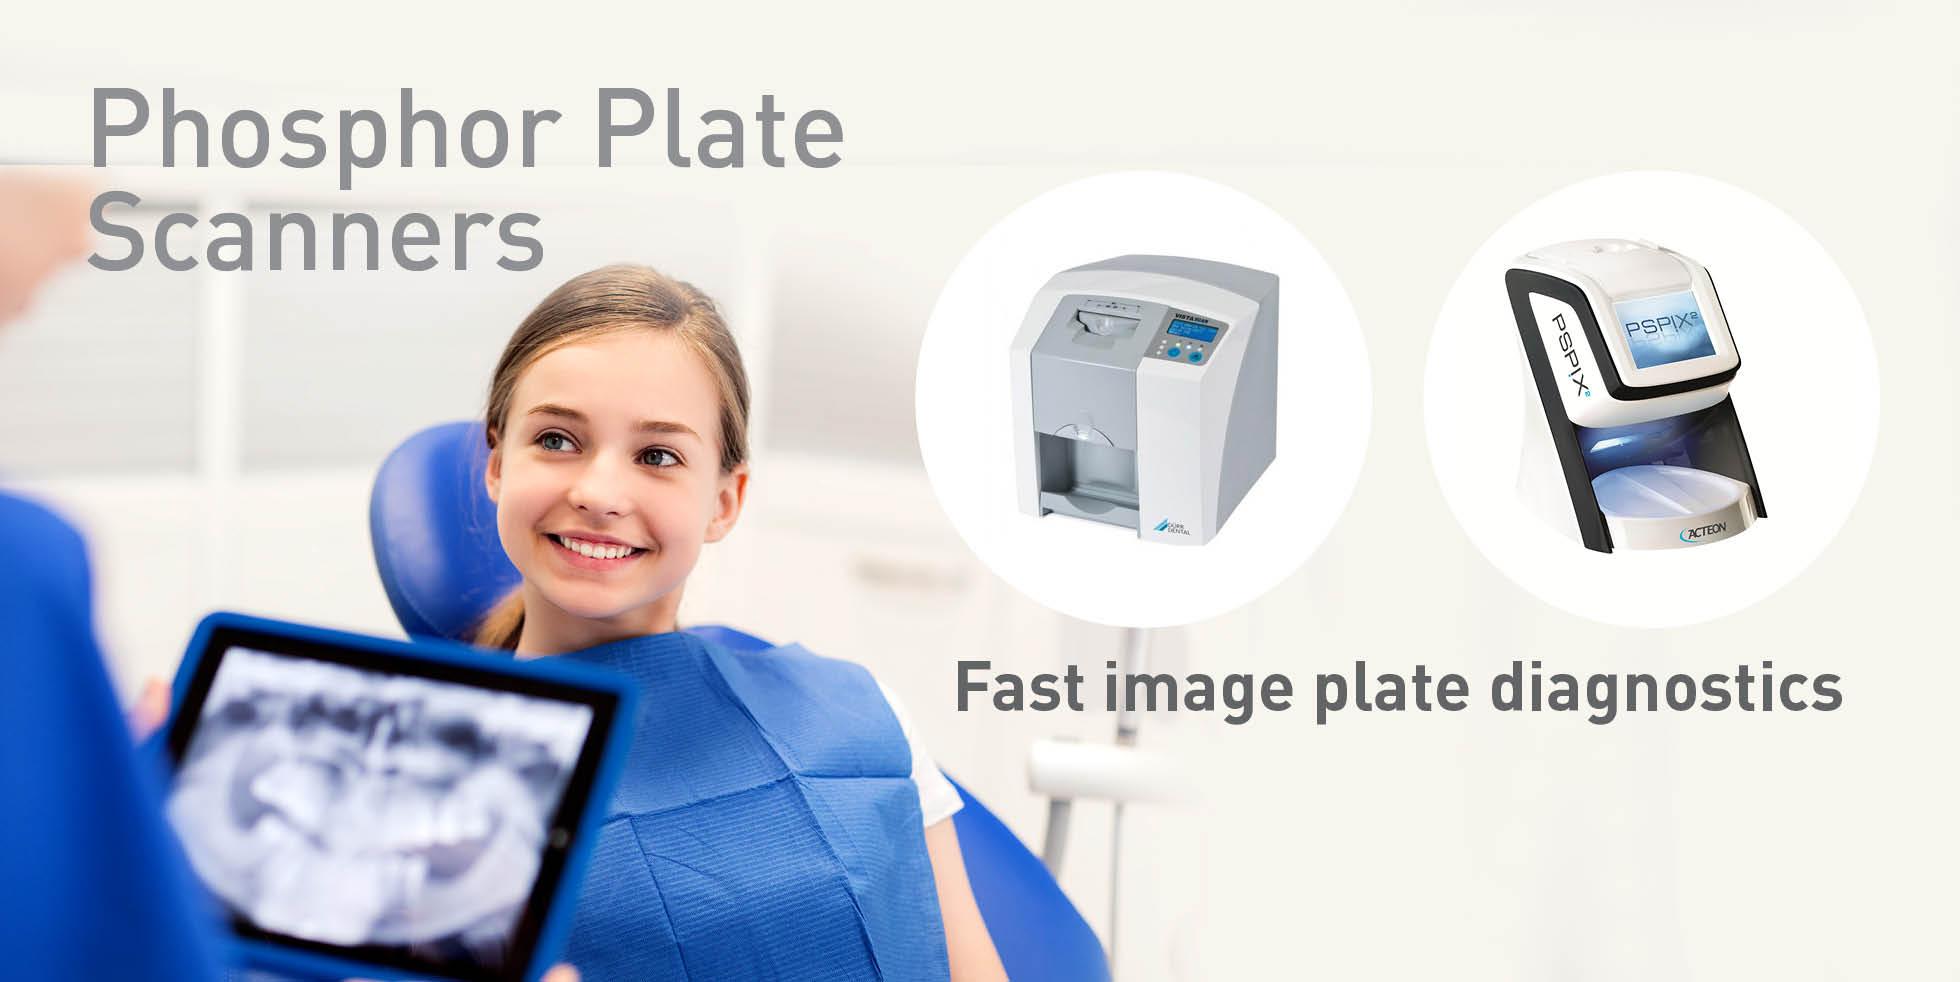 Phosphor Plate Scanners